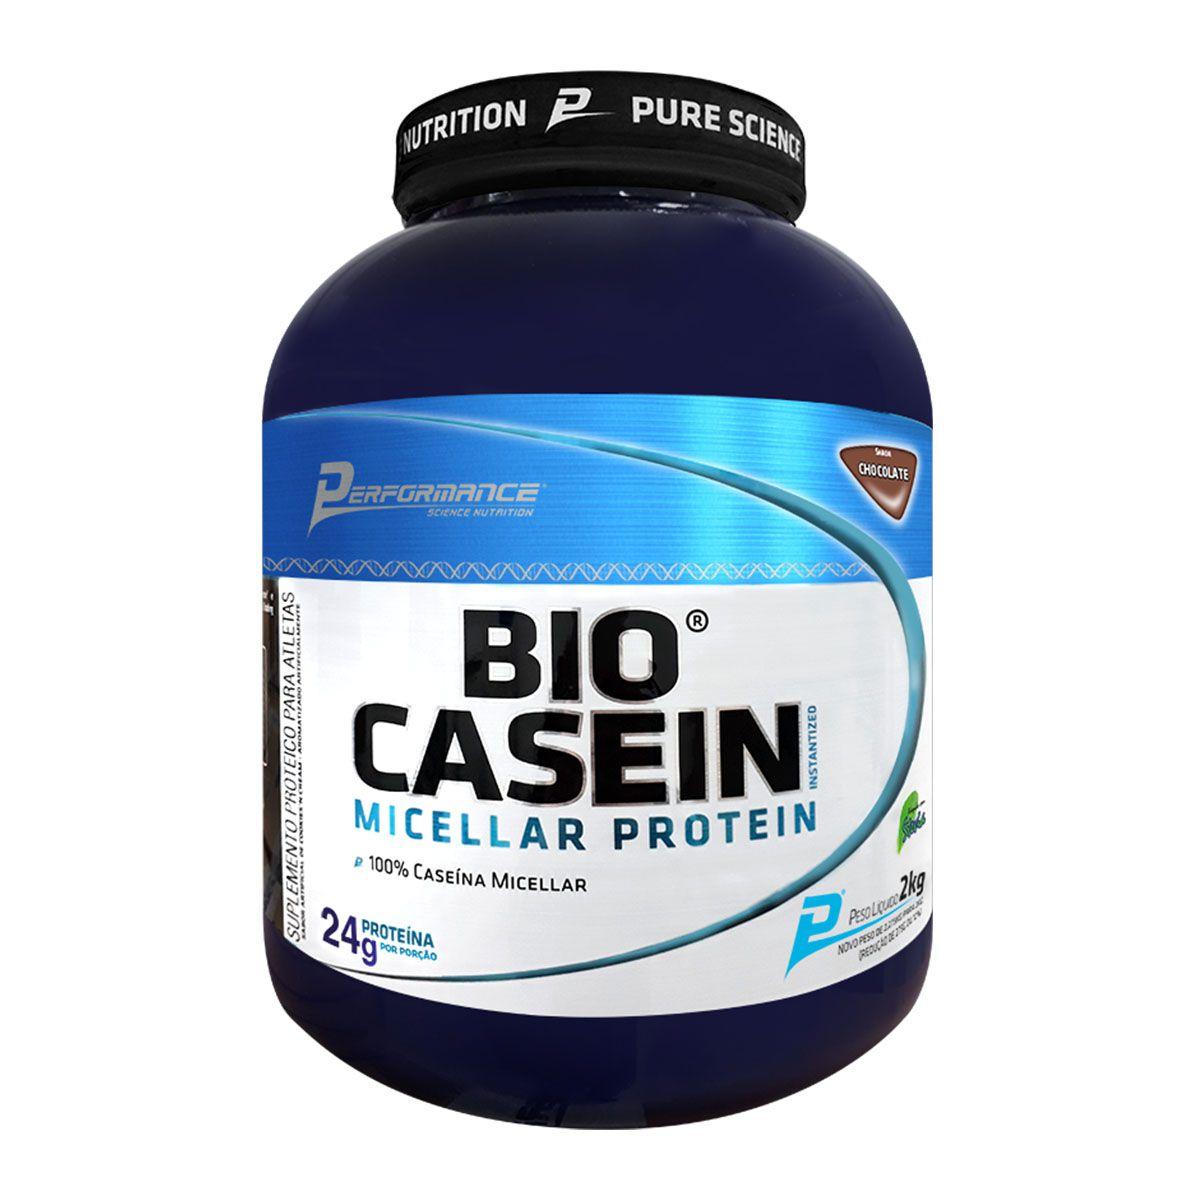 Bio Casein 2kg - Performance Nutrition